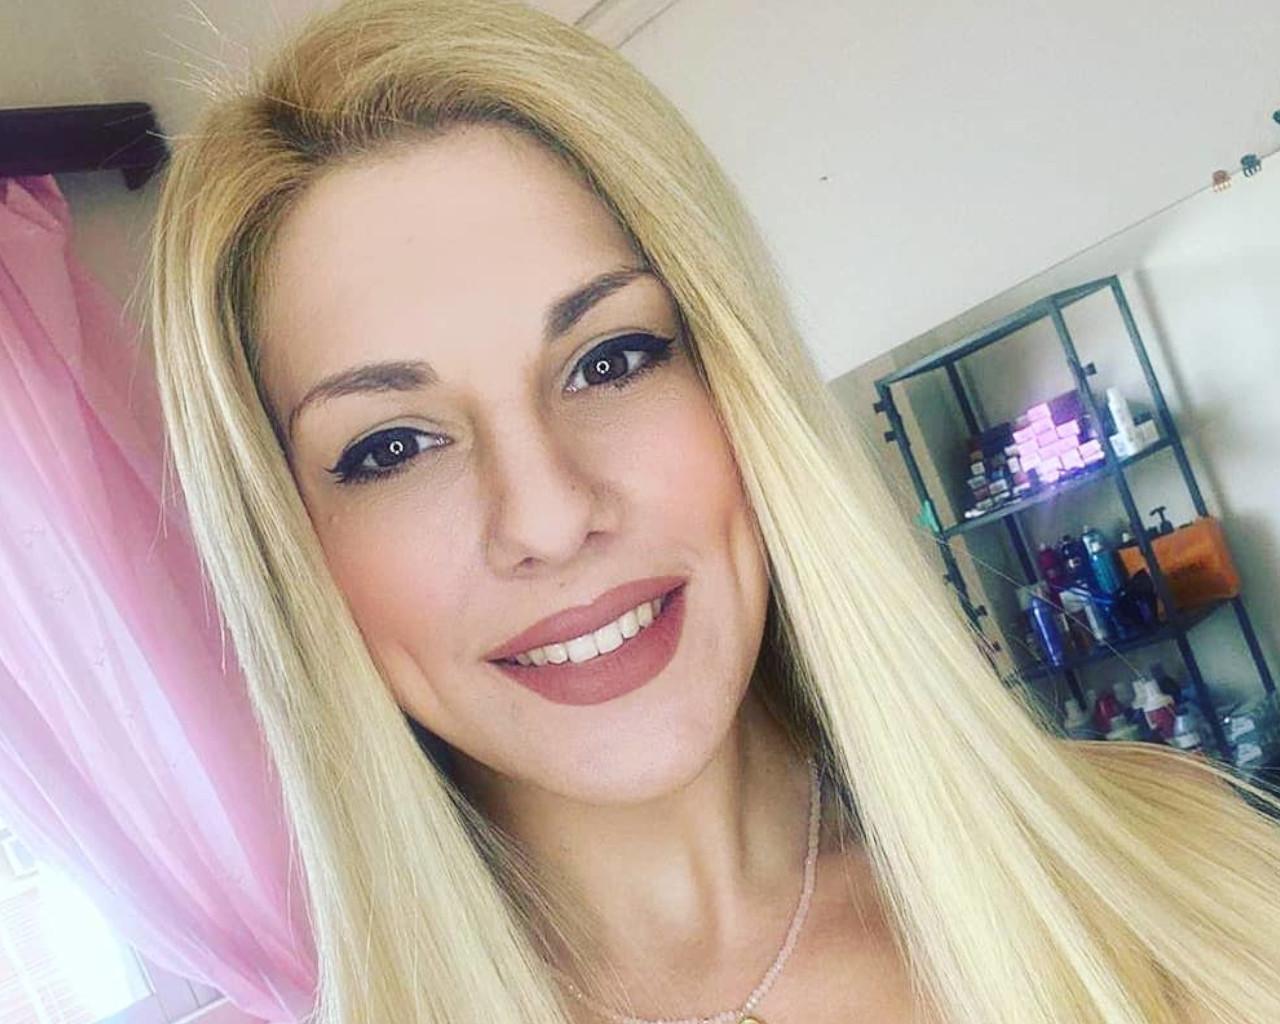 λένια πολυχρονοπούλου,λένια πολυχρονοπούλου,λενια πολυχρονοπούλου instagram,έλενα πολυχρονοπουλου σχεση,lenia polychronopoulou instagram